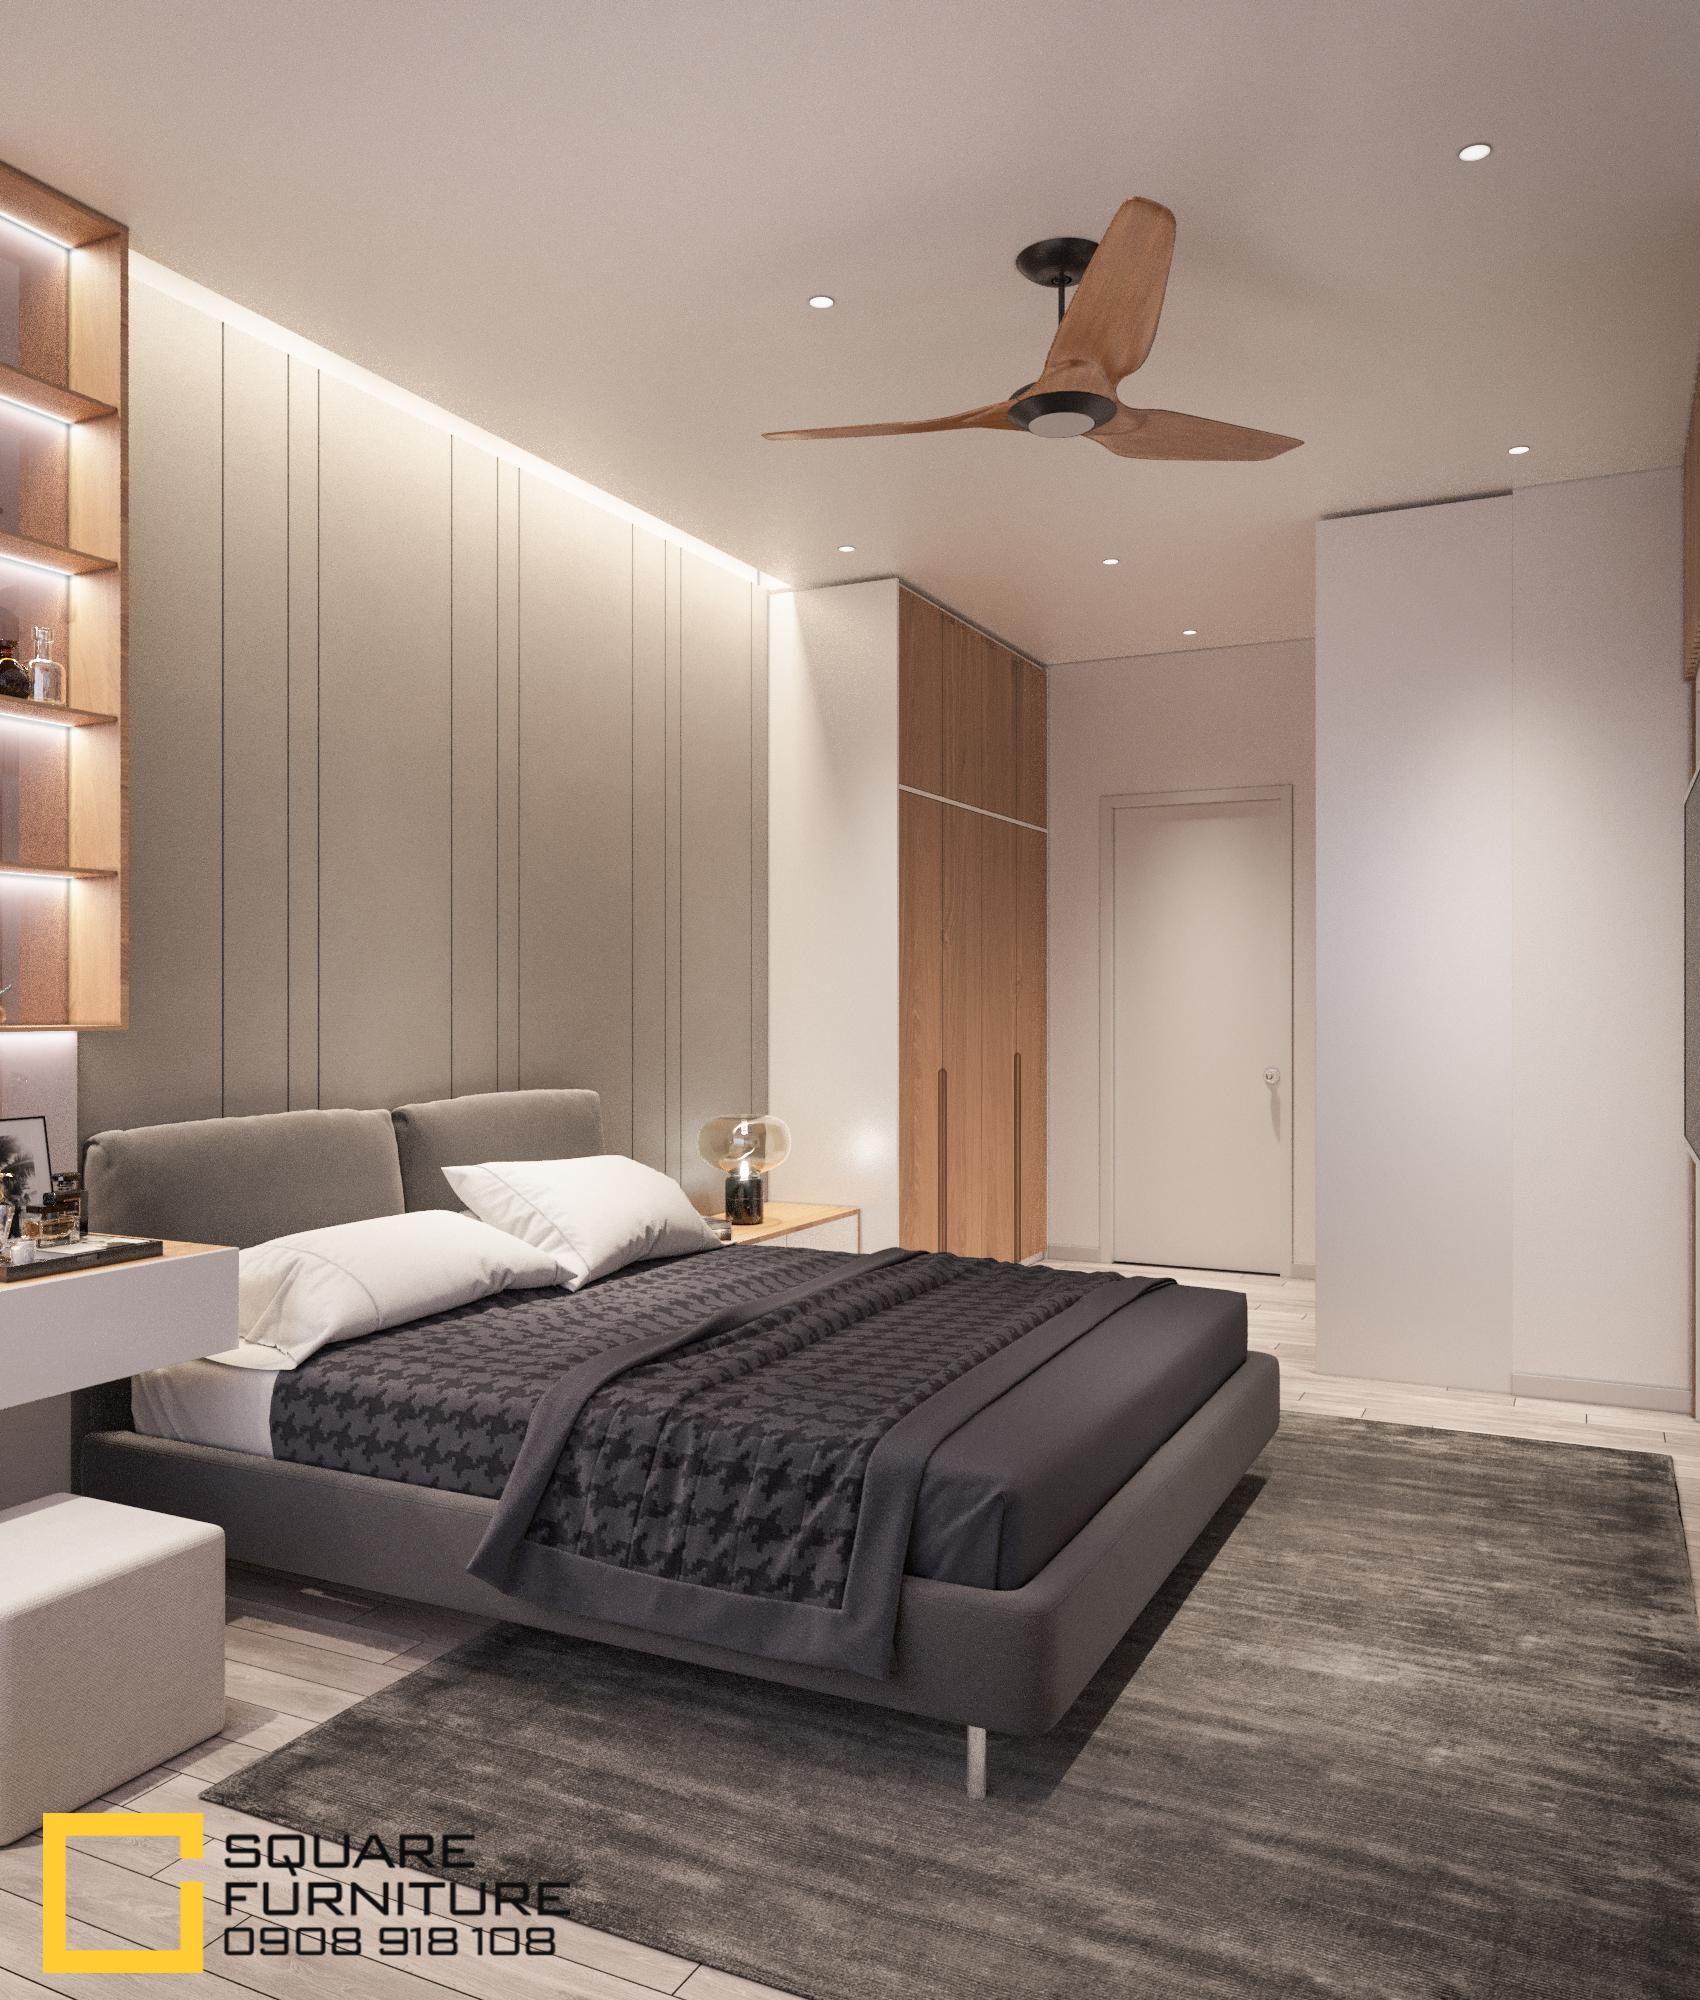 thiết kế nội thất chung cư tại Hồ Chí Minh Căn hộ Haiwaii Đảo Kim Cương 6 1559032087